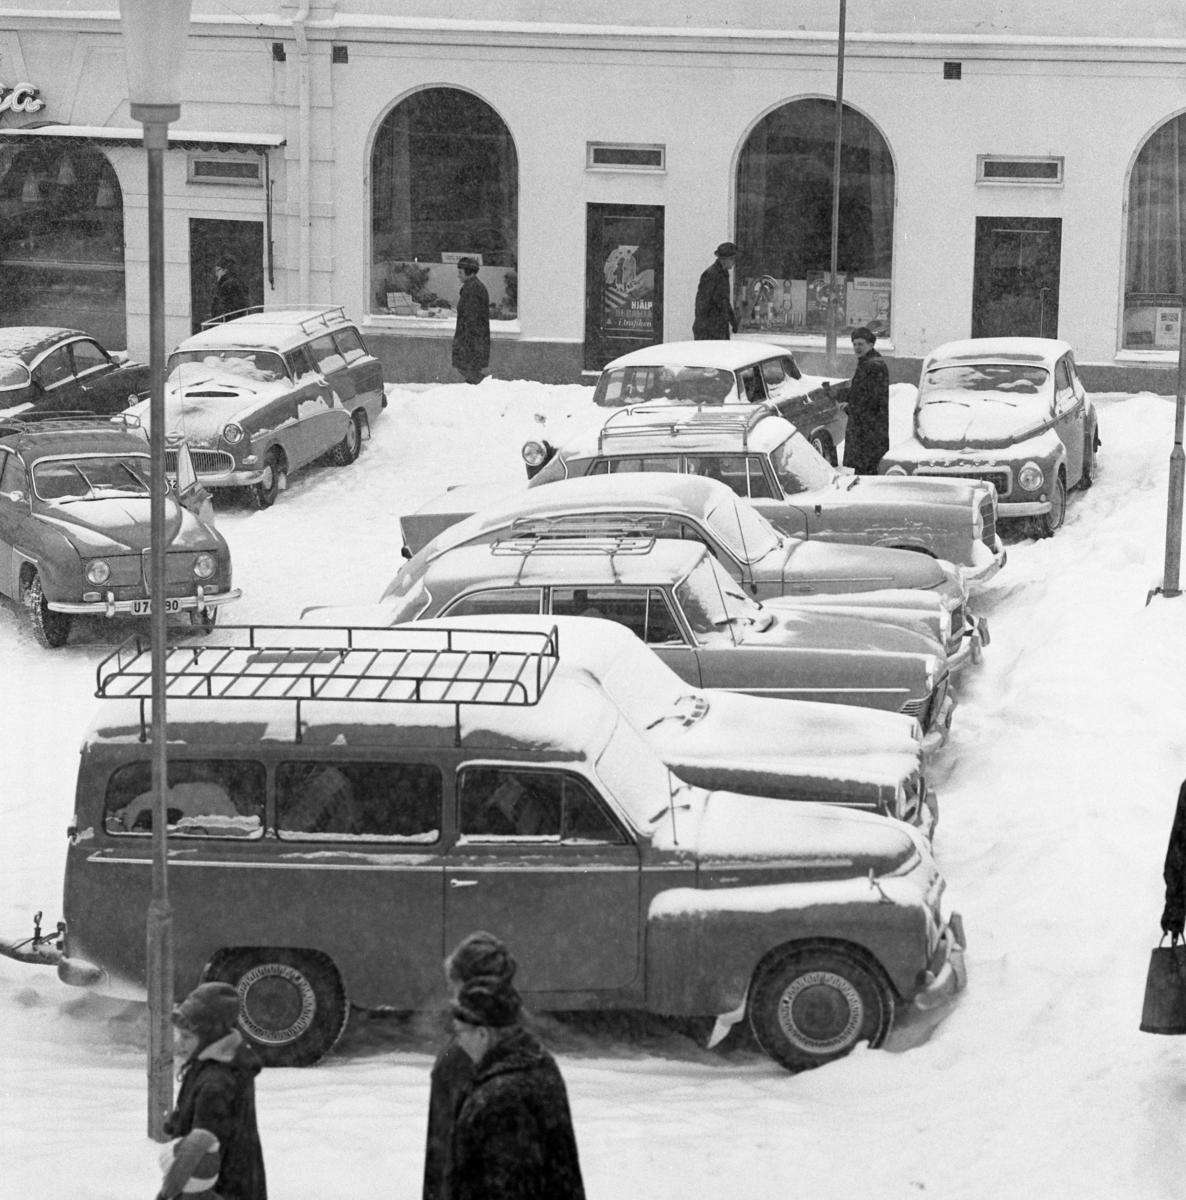 Det är mycket snö och svårt att parkera på Stora torget. Bilarna står tätt. Människorna är rejält påklädda. I bakgrunden ses Lundborgska fastigheten med café Saga